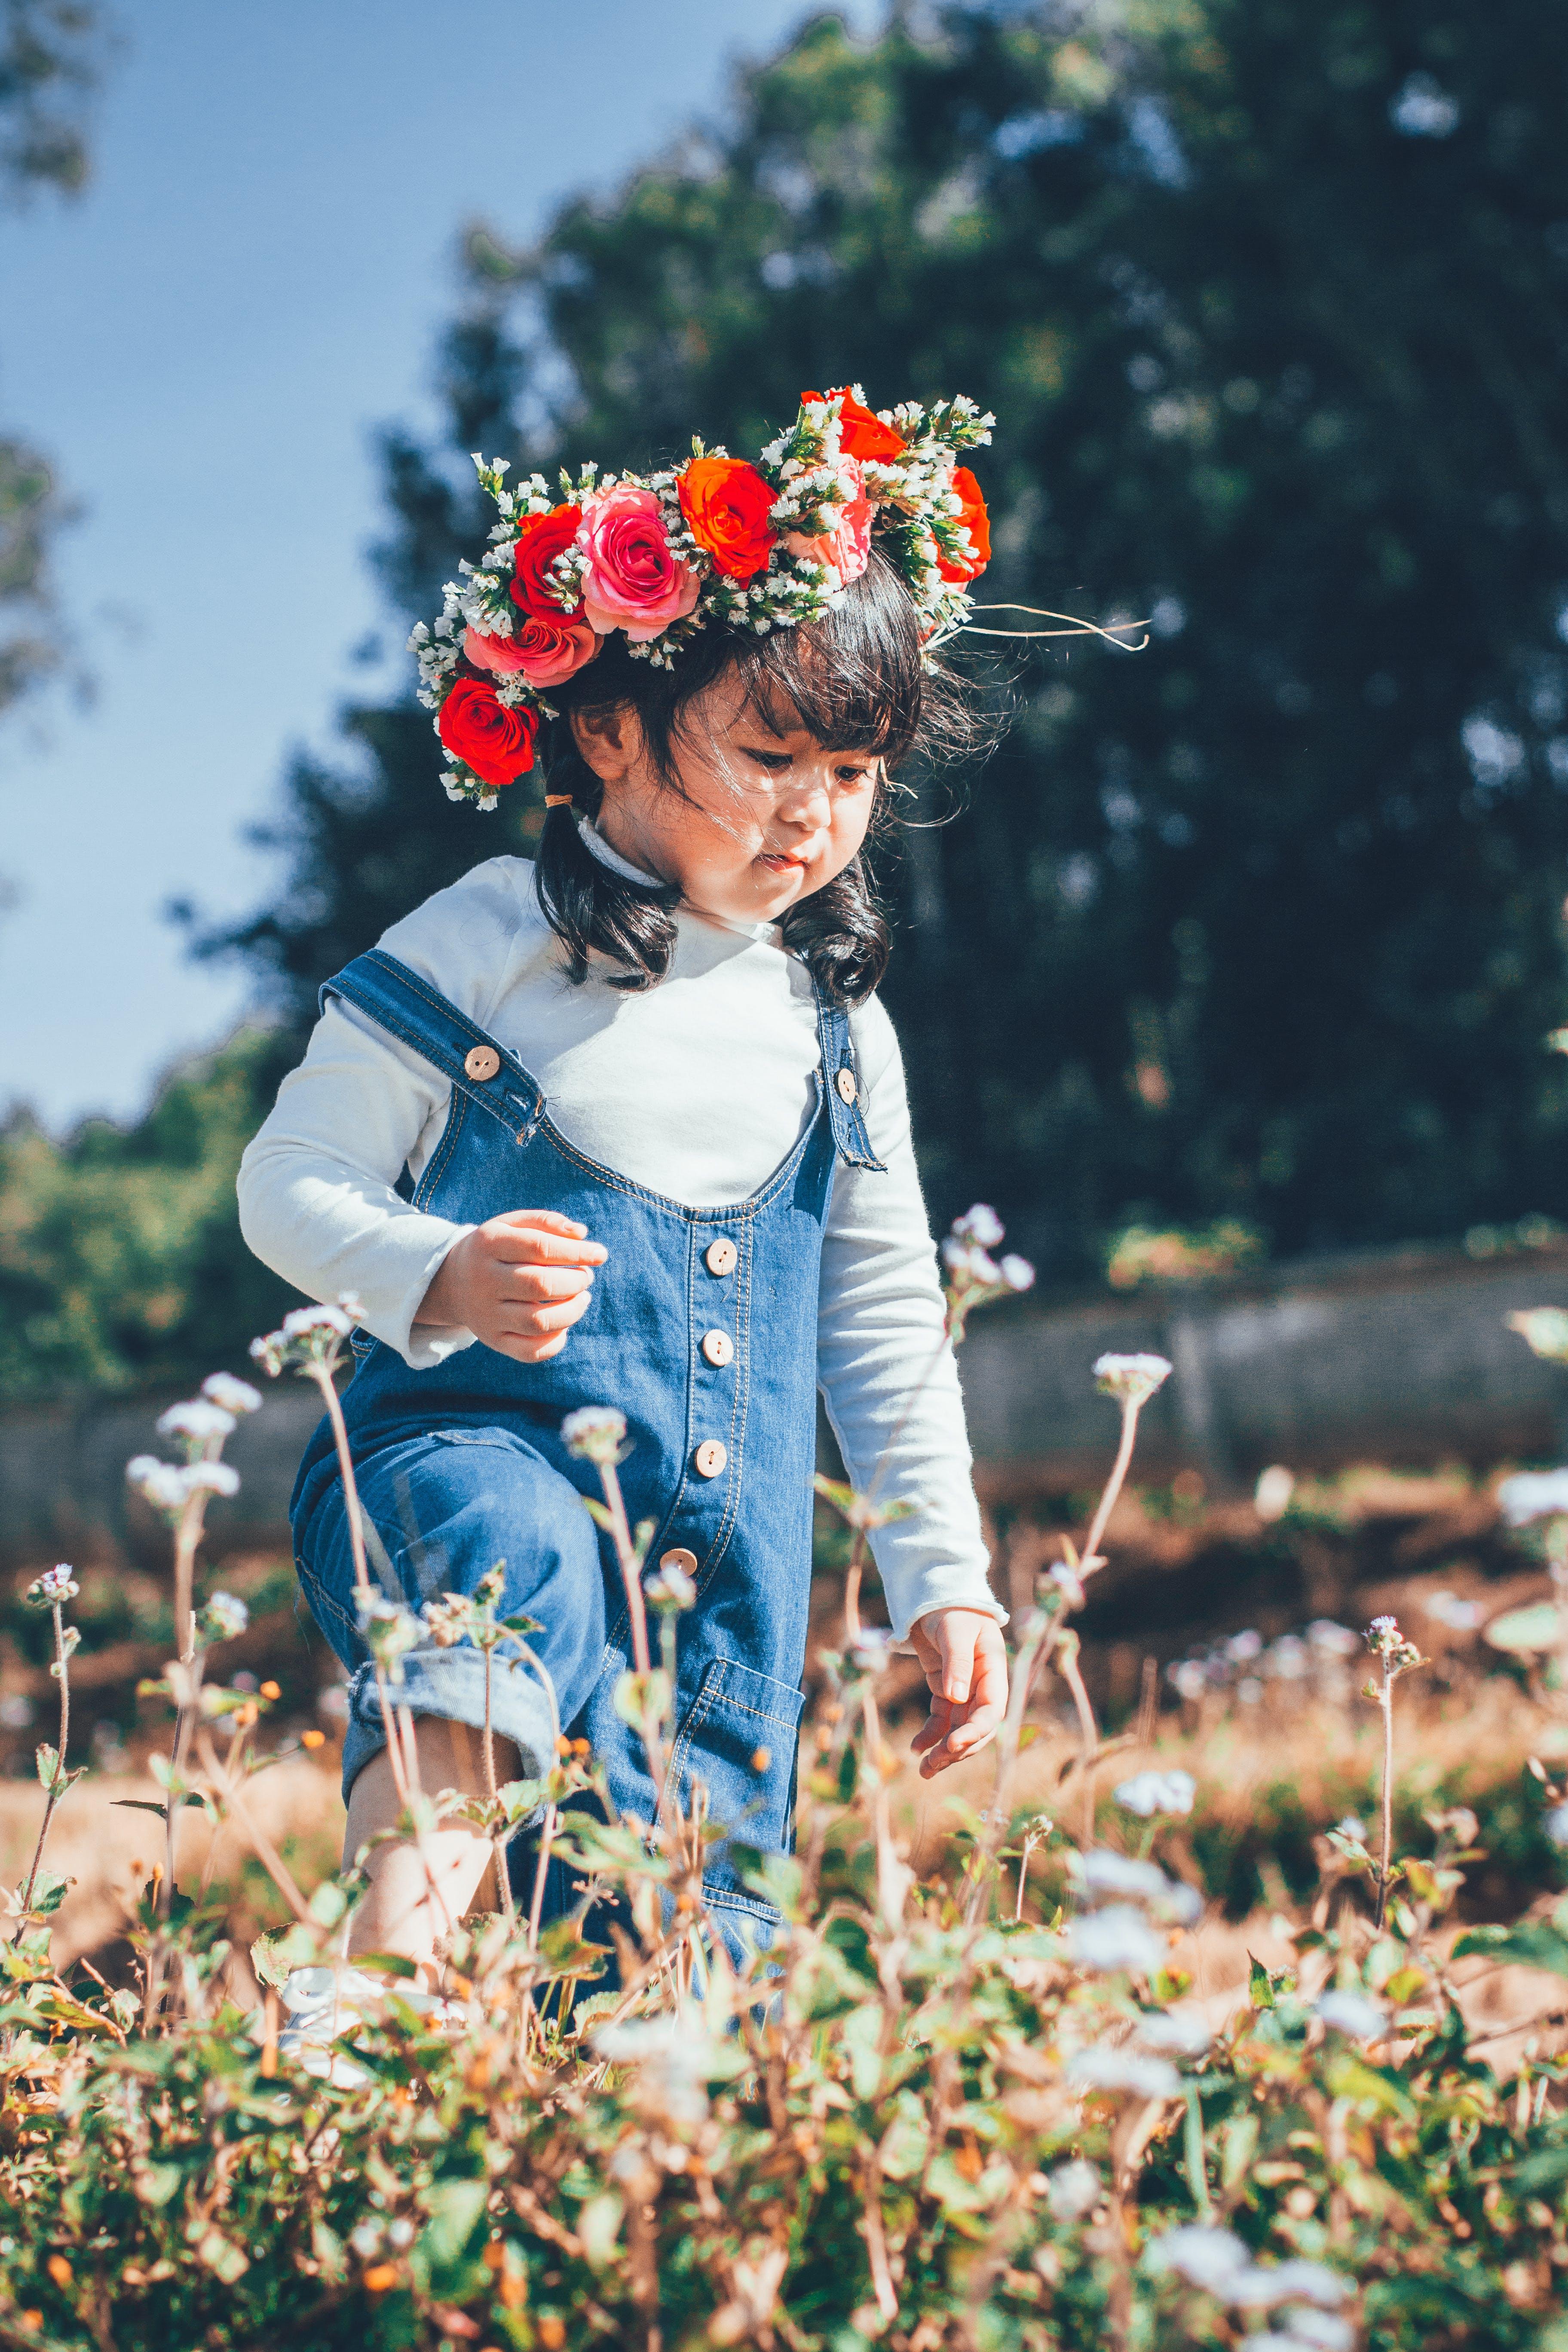 Ảnh lưu trữ miễn phí về cánh đồng, cỏ, cô gái châu á, con gái